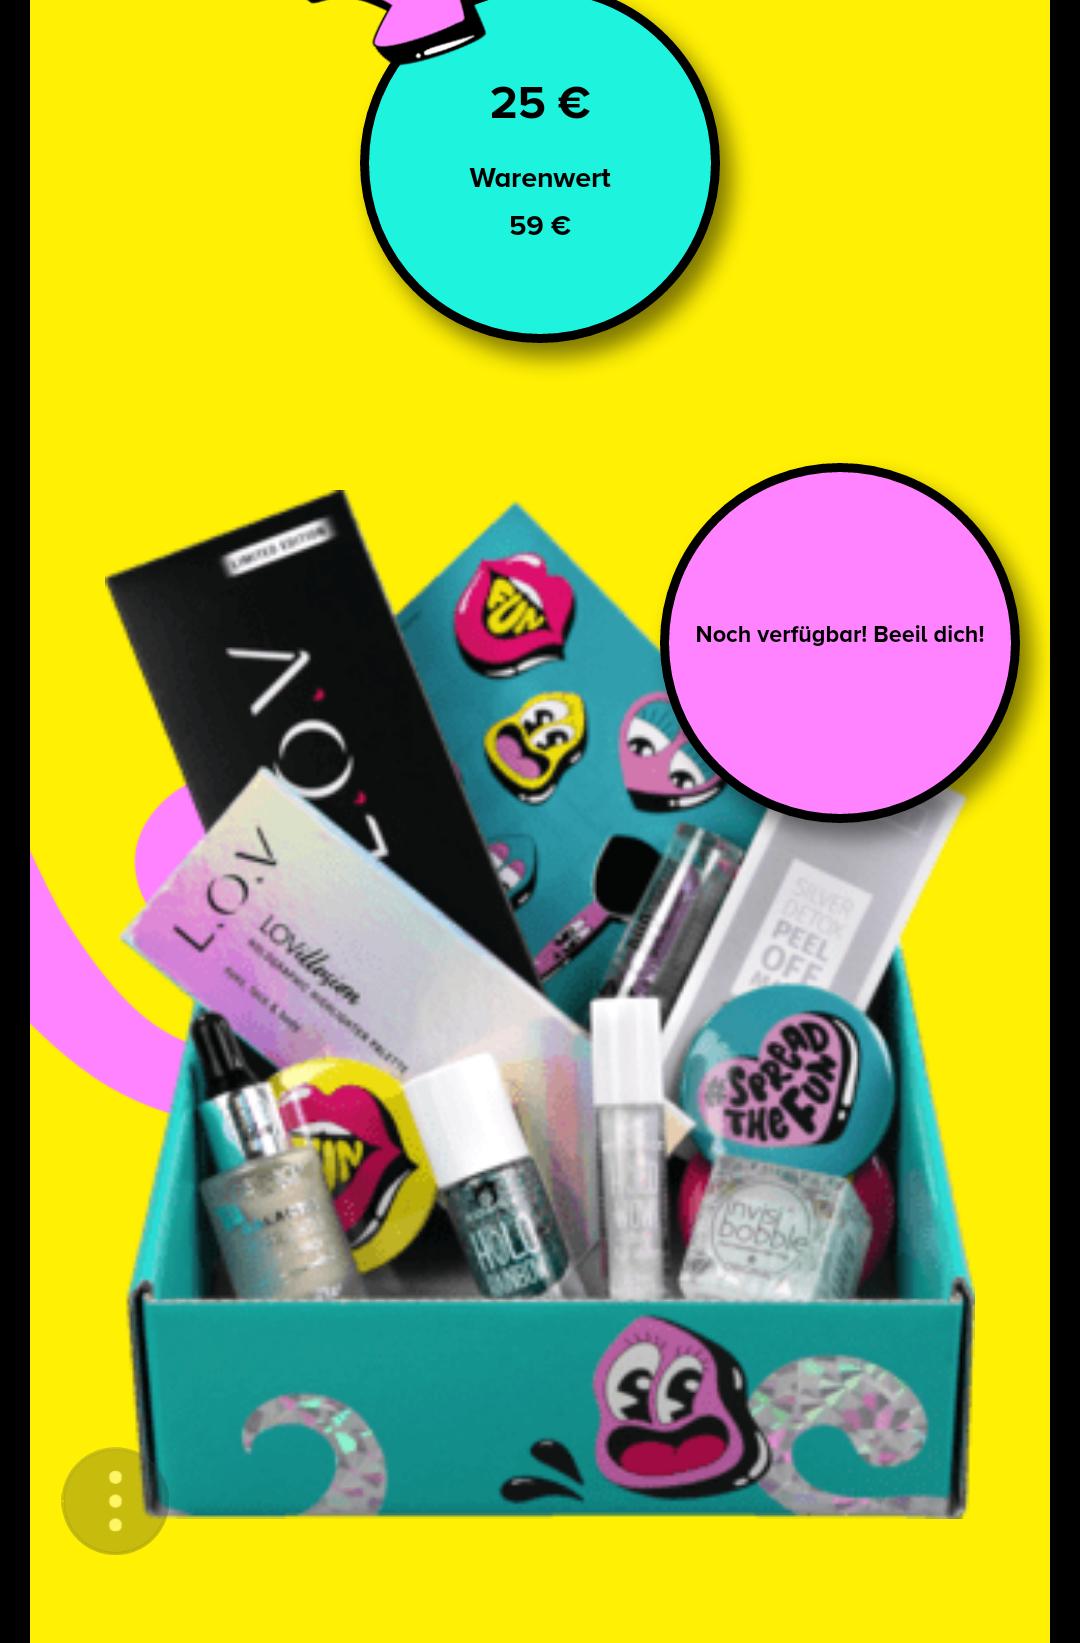 DM Beauty HoloBox für 25 Euro nur online